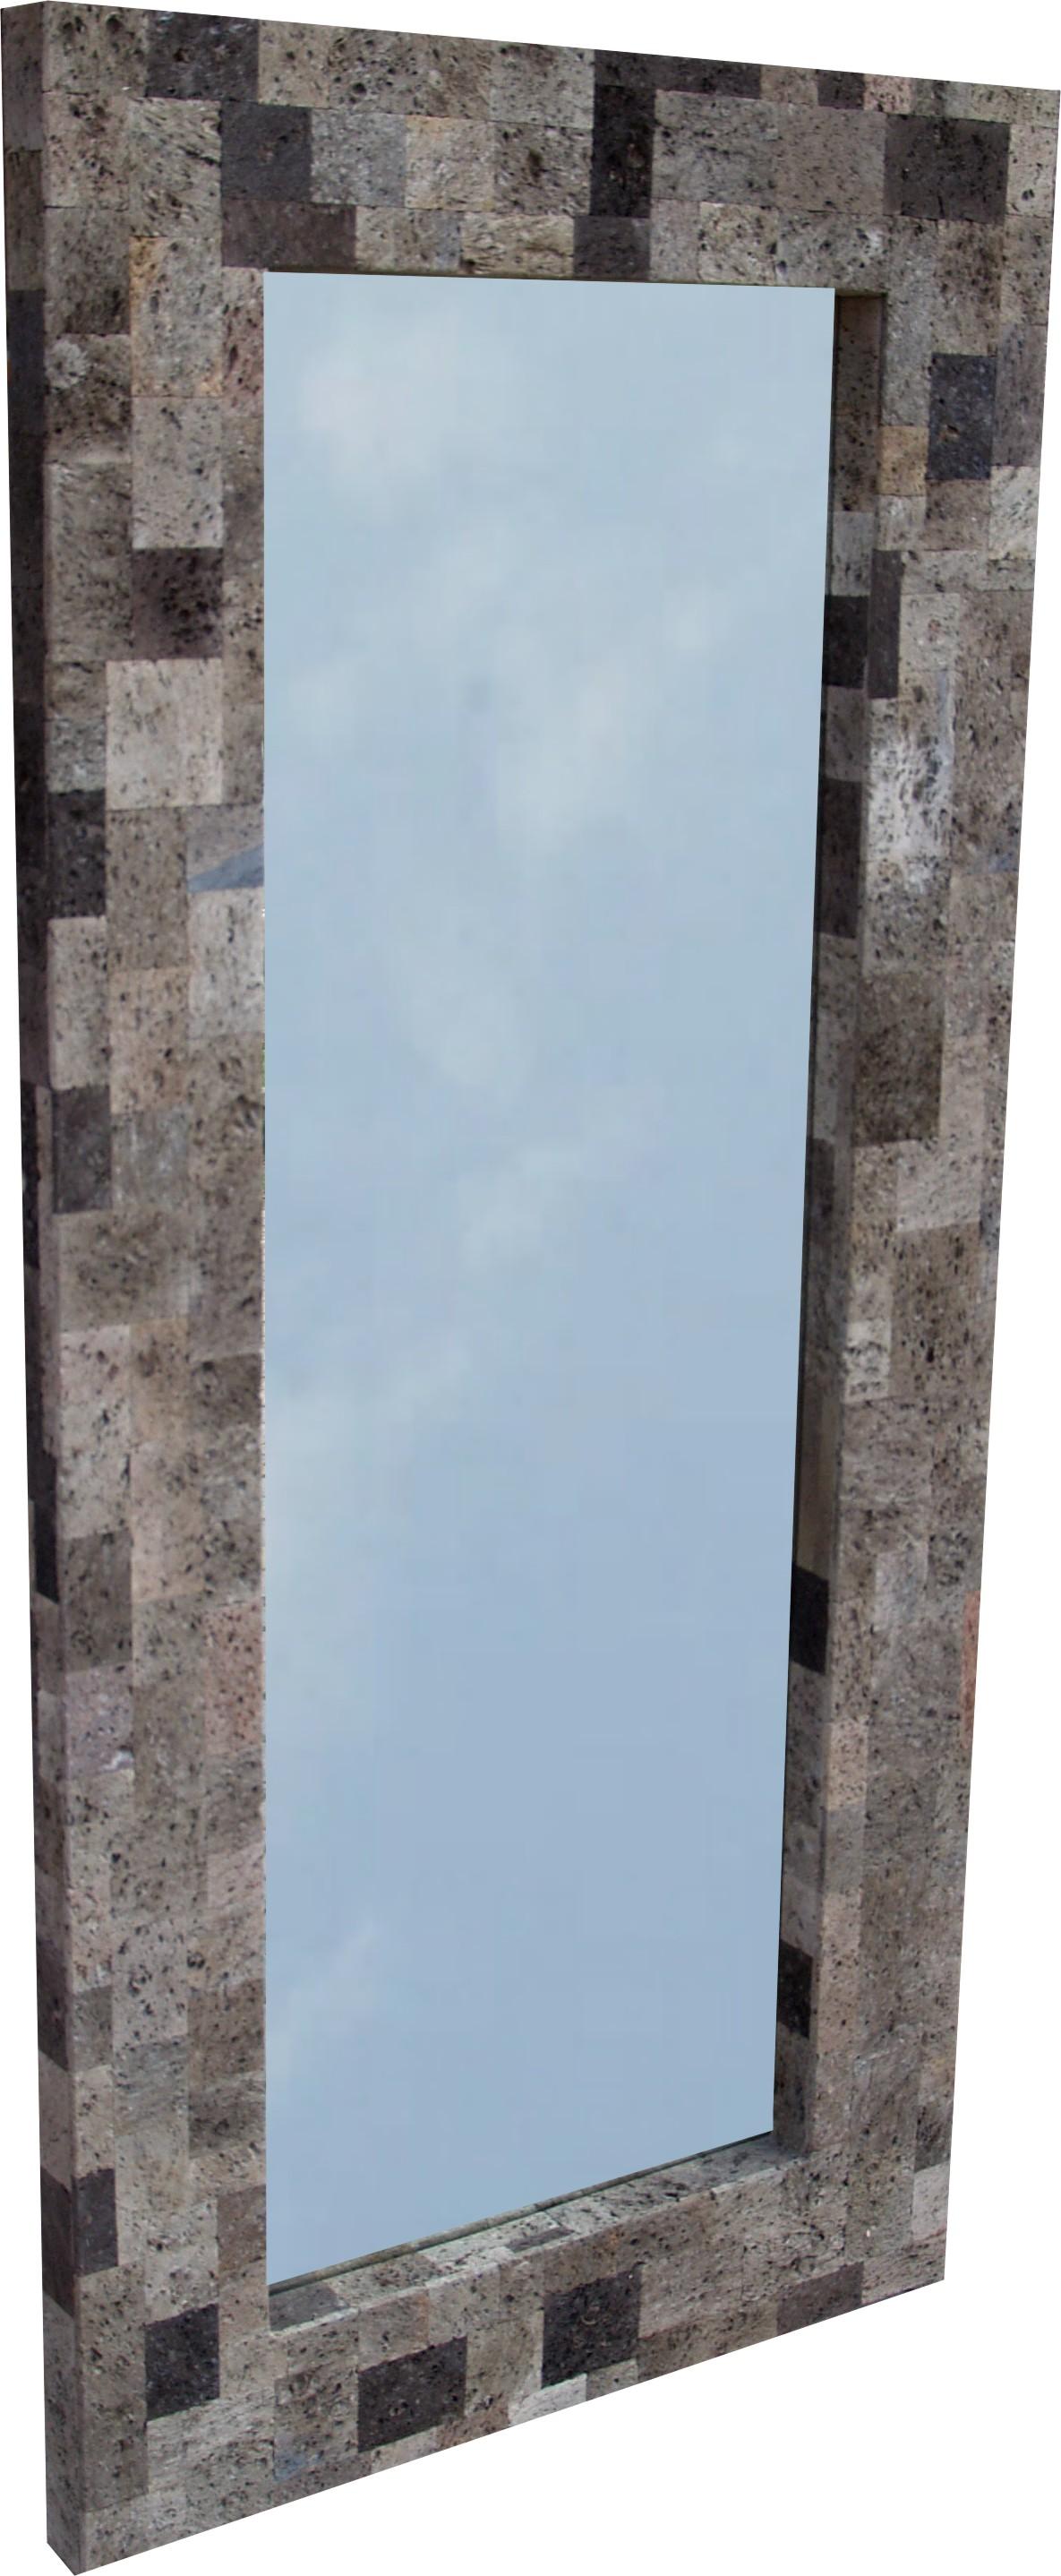 Lavastein spiegel 130 60 cm for Rustikaler spiegel